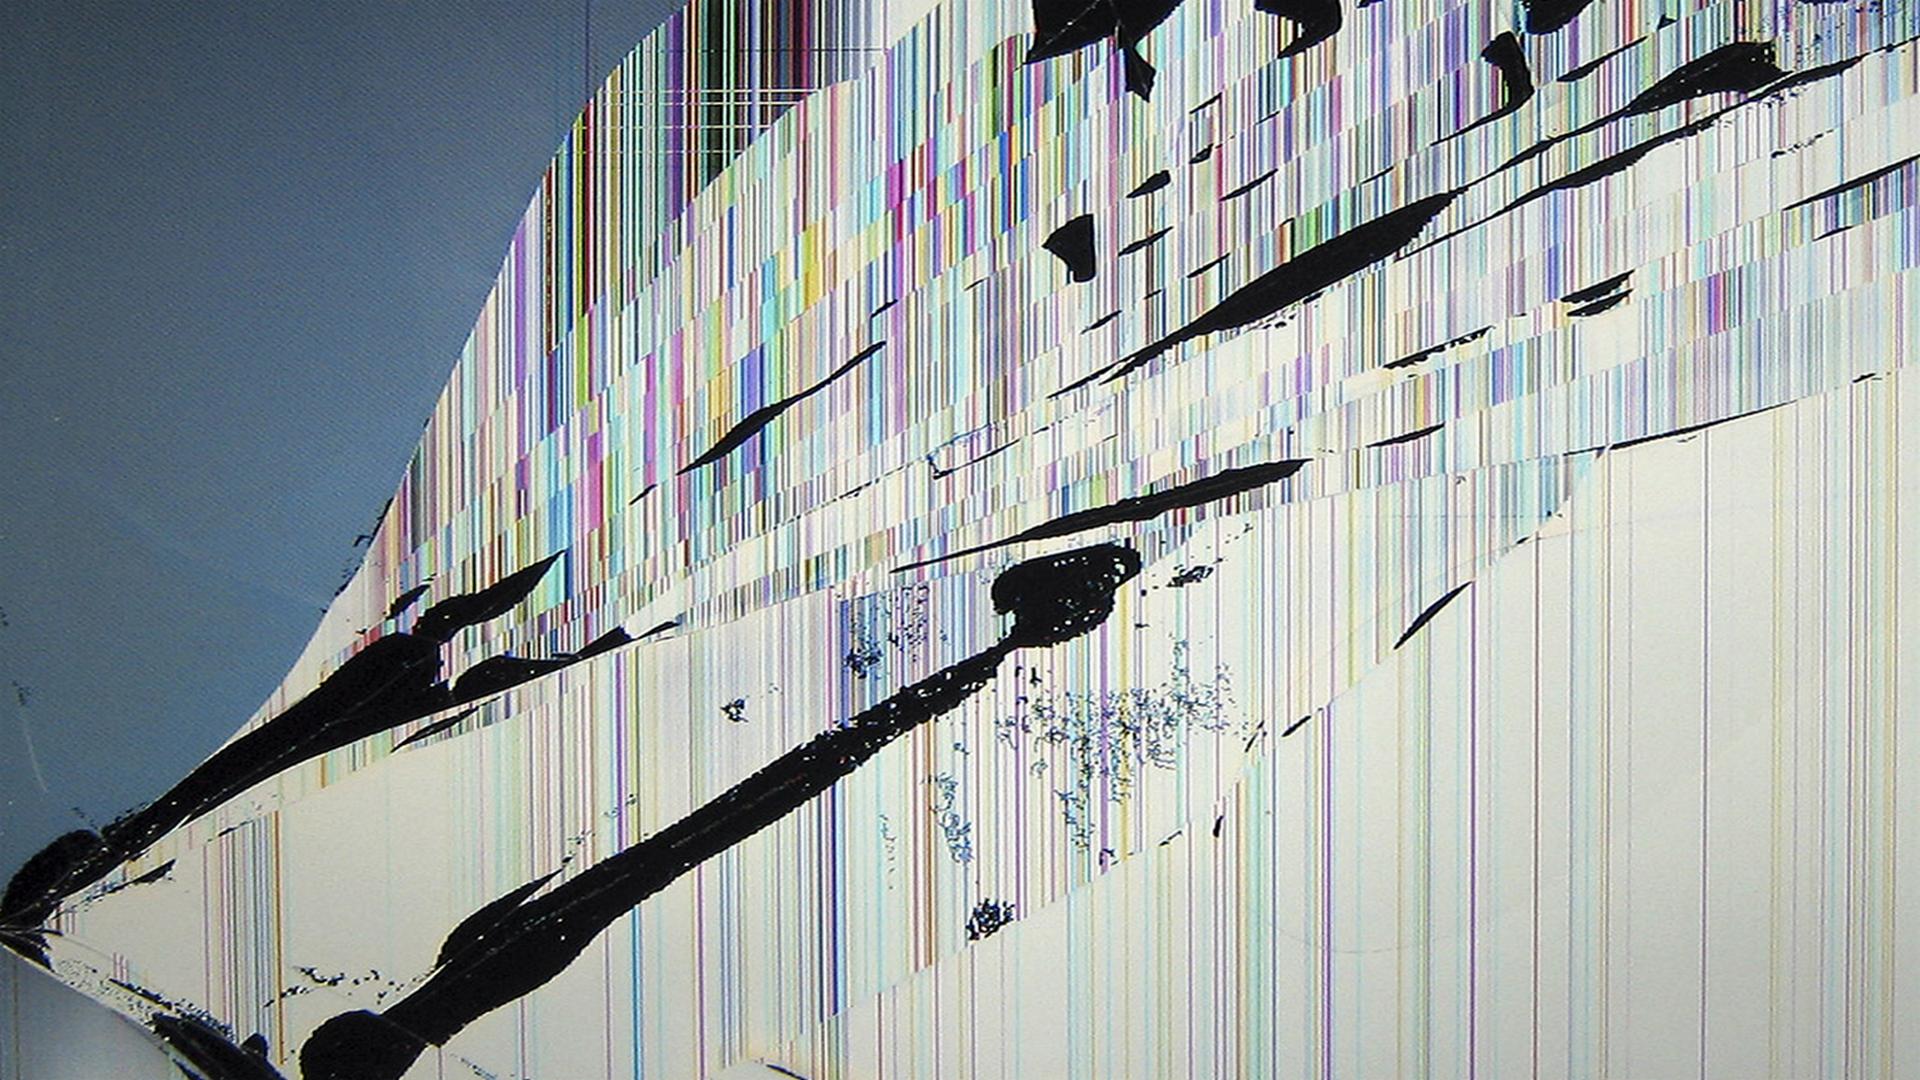 cracked screen wallpaper macbook - photo #36